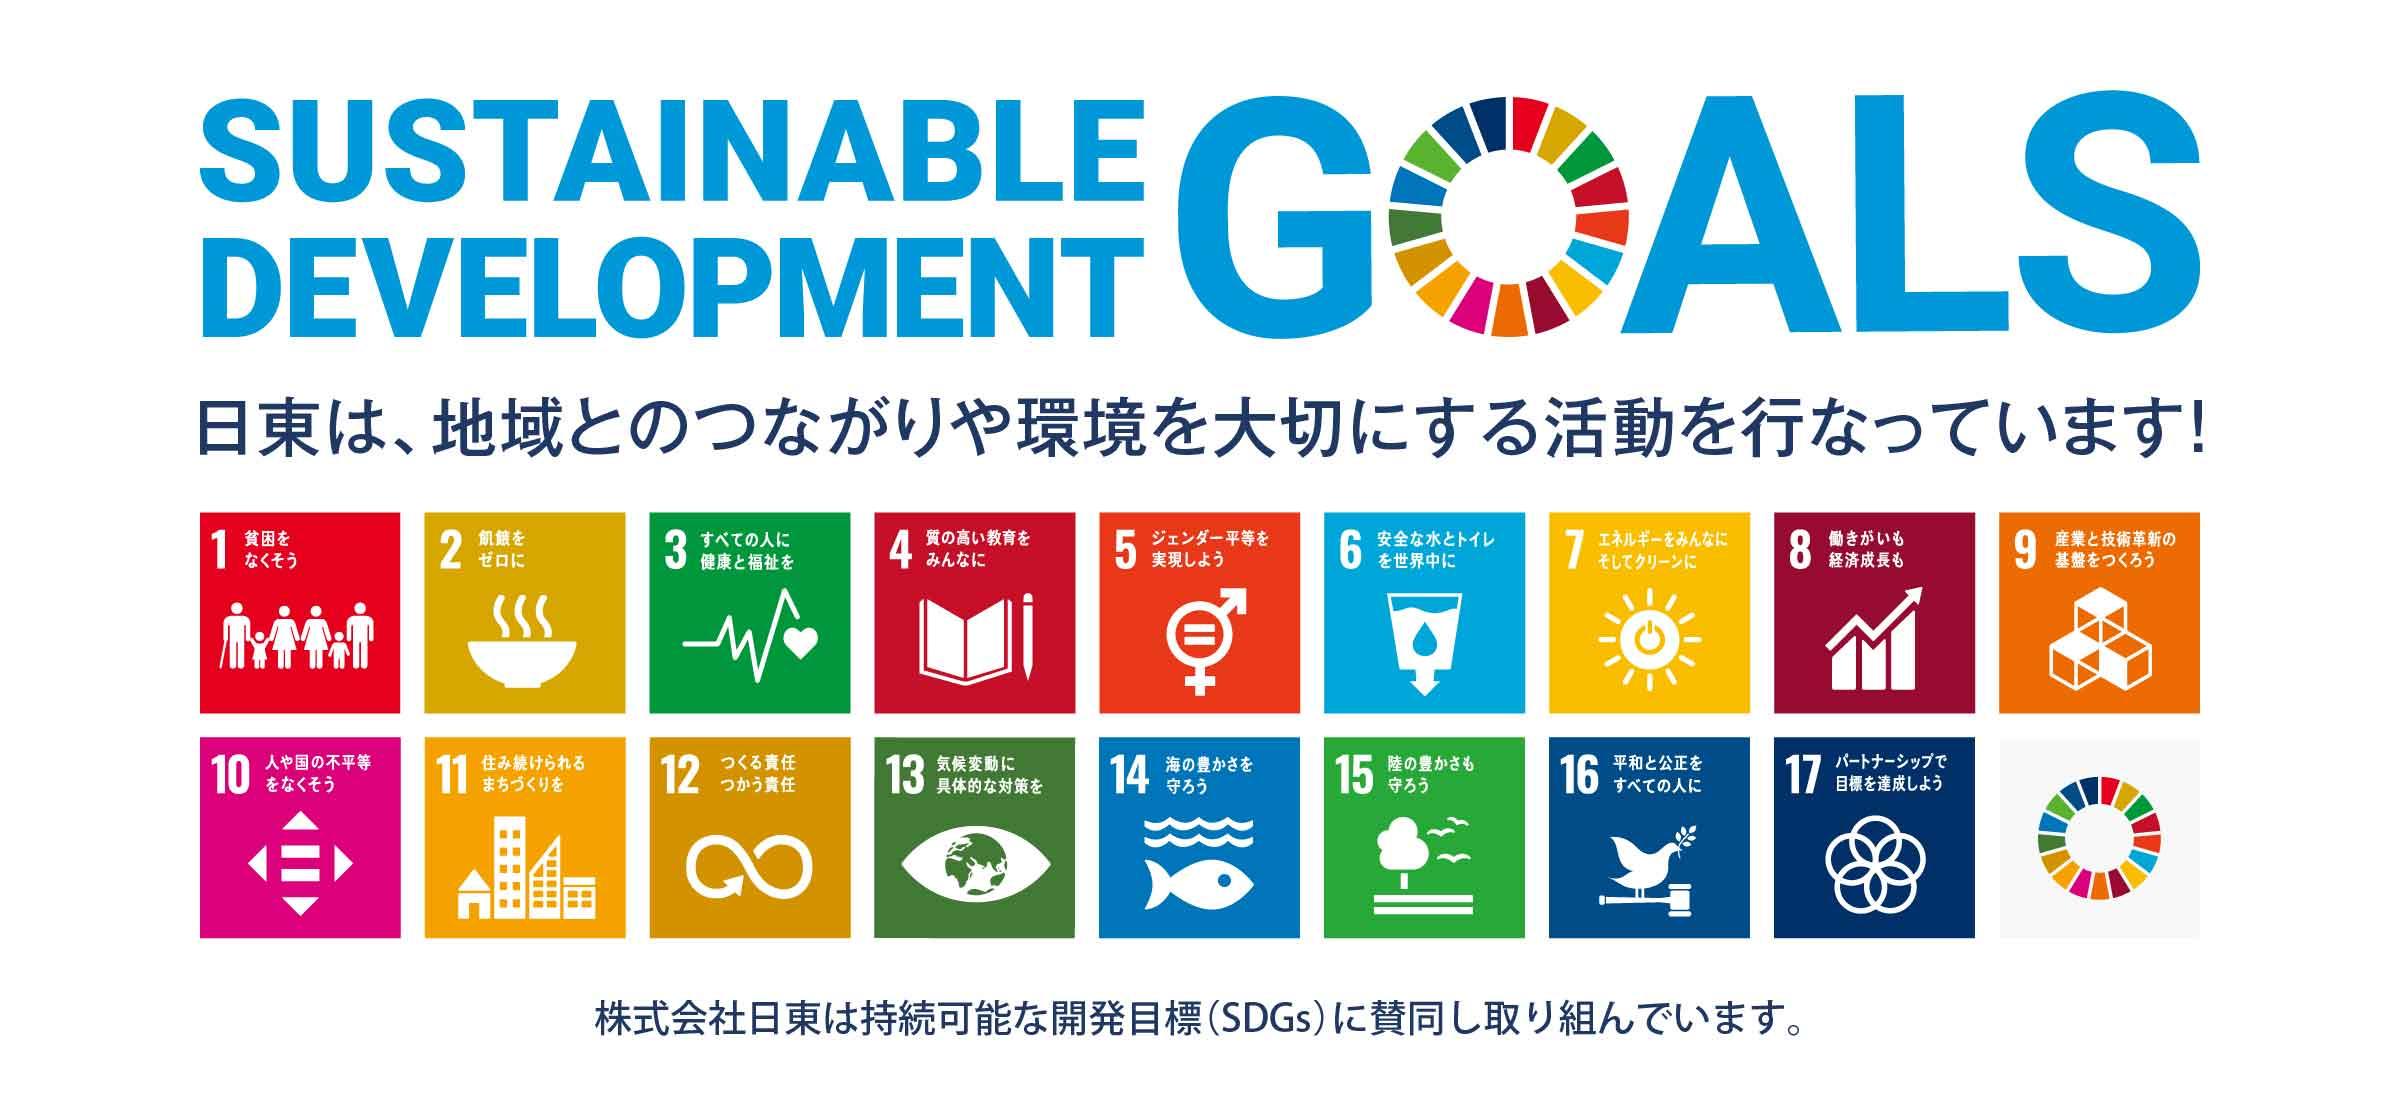 日東は、地域とのつながりや環境を大切にする活動を行なっています!Sustainable Development Goals(持続可能な開発目標)